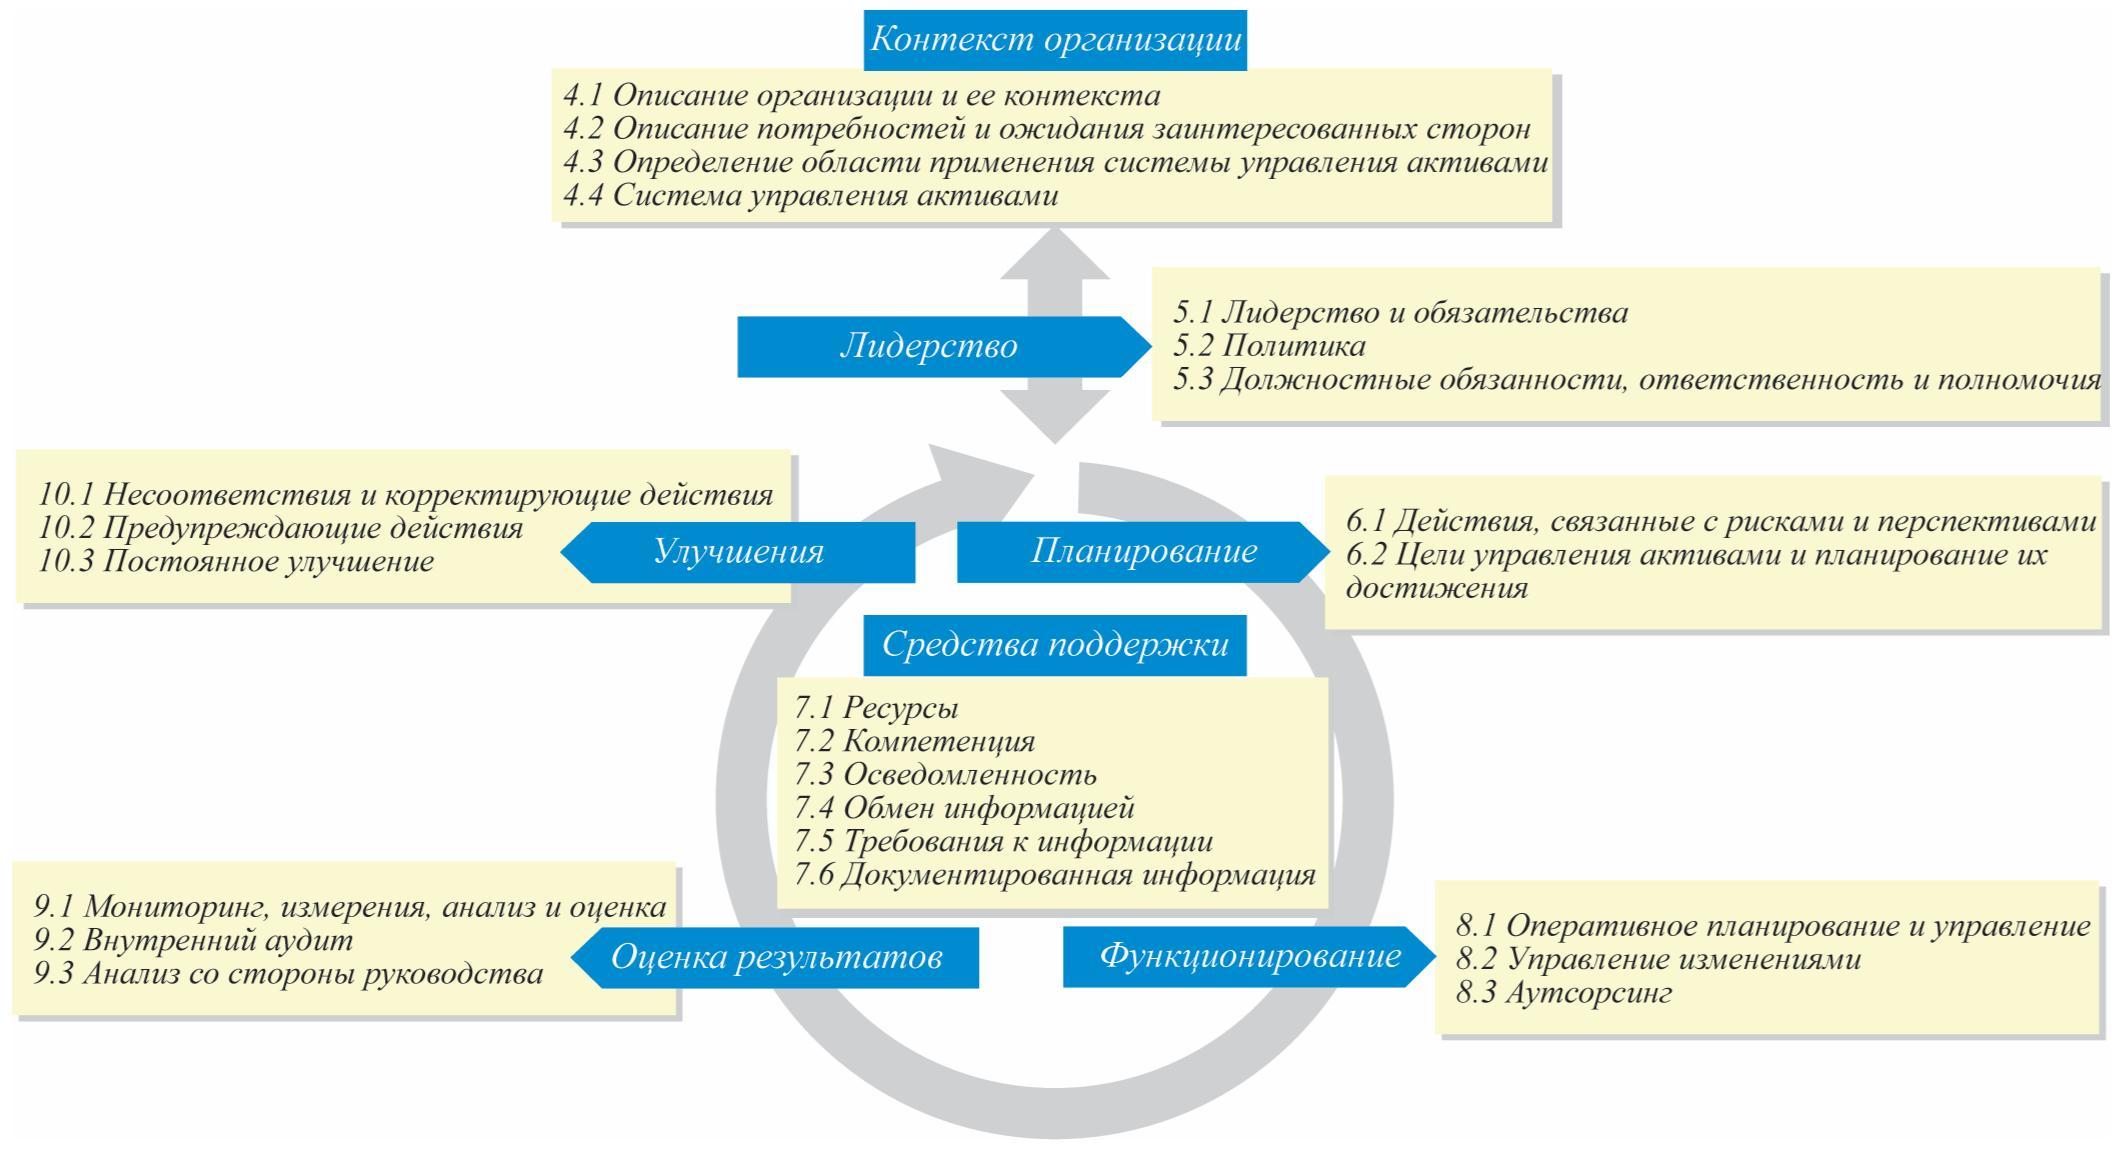 Рис. 1. Модель системы управления активами в соответствии с ГОСТ Р 55.0.02